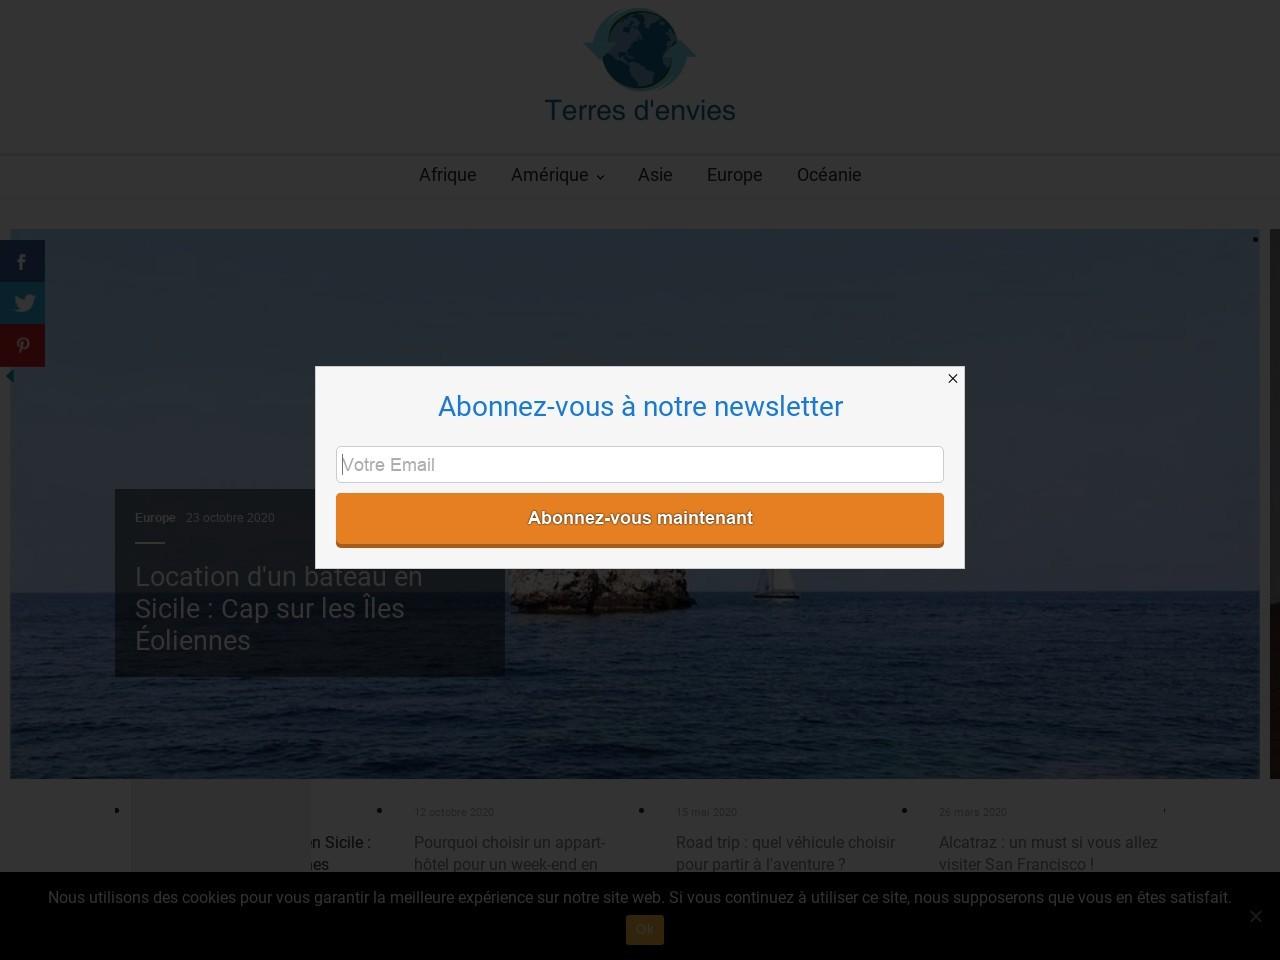 terresdenvies.com